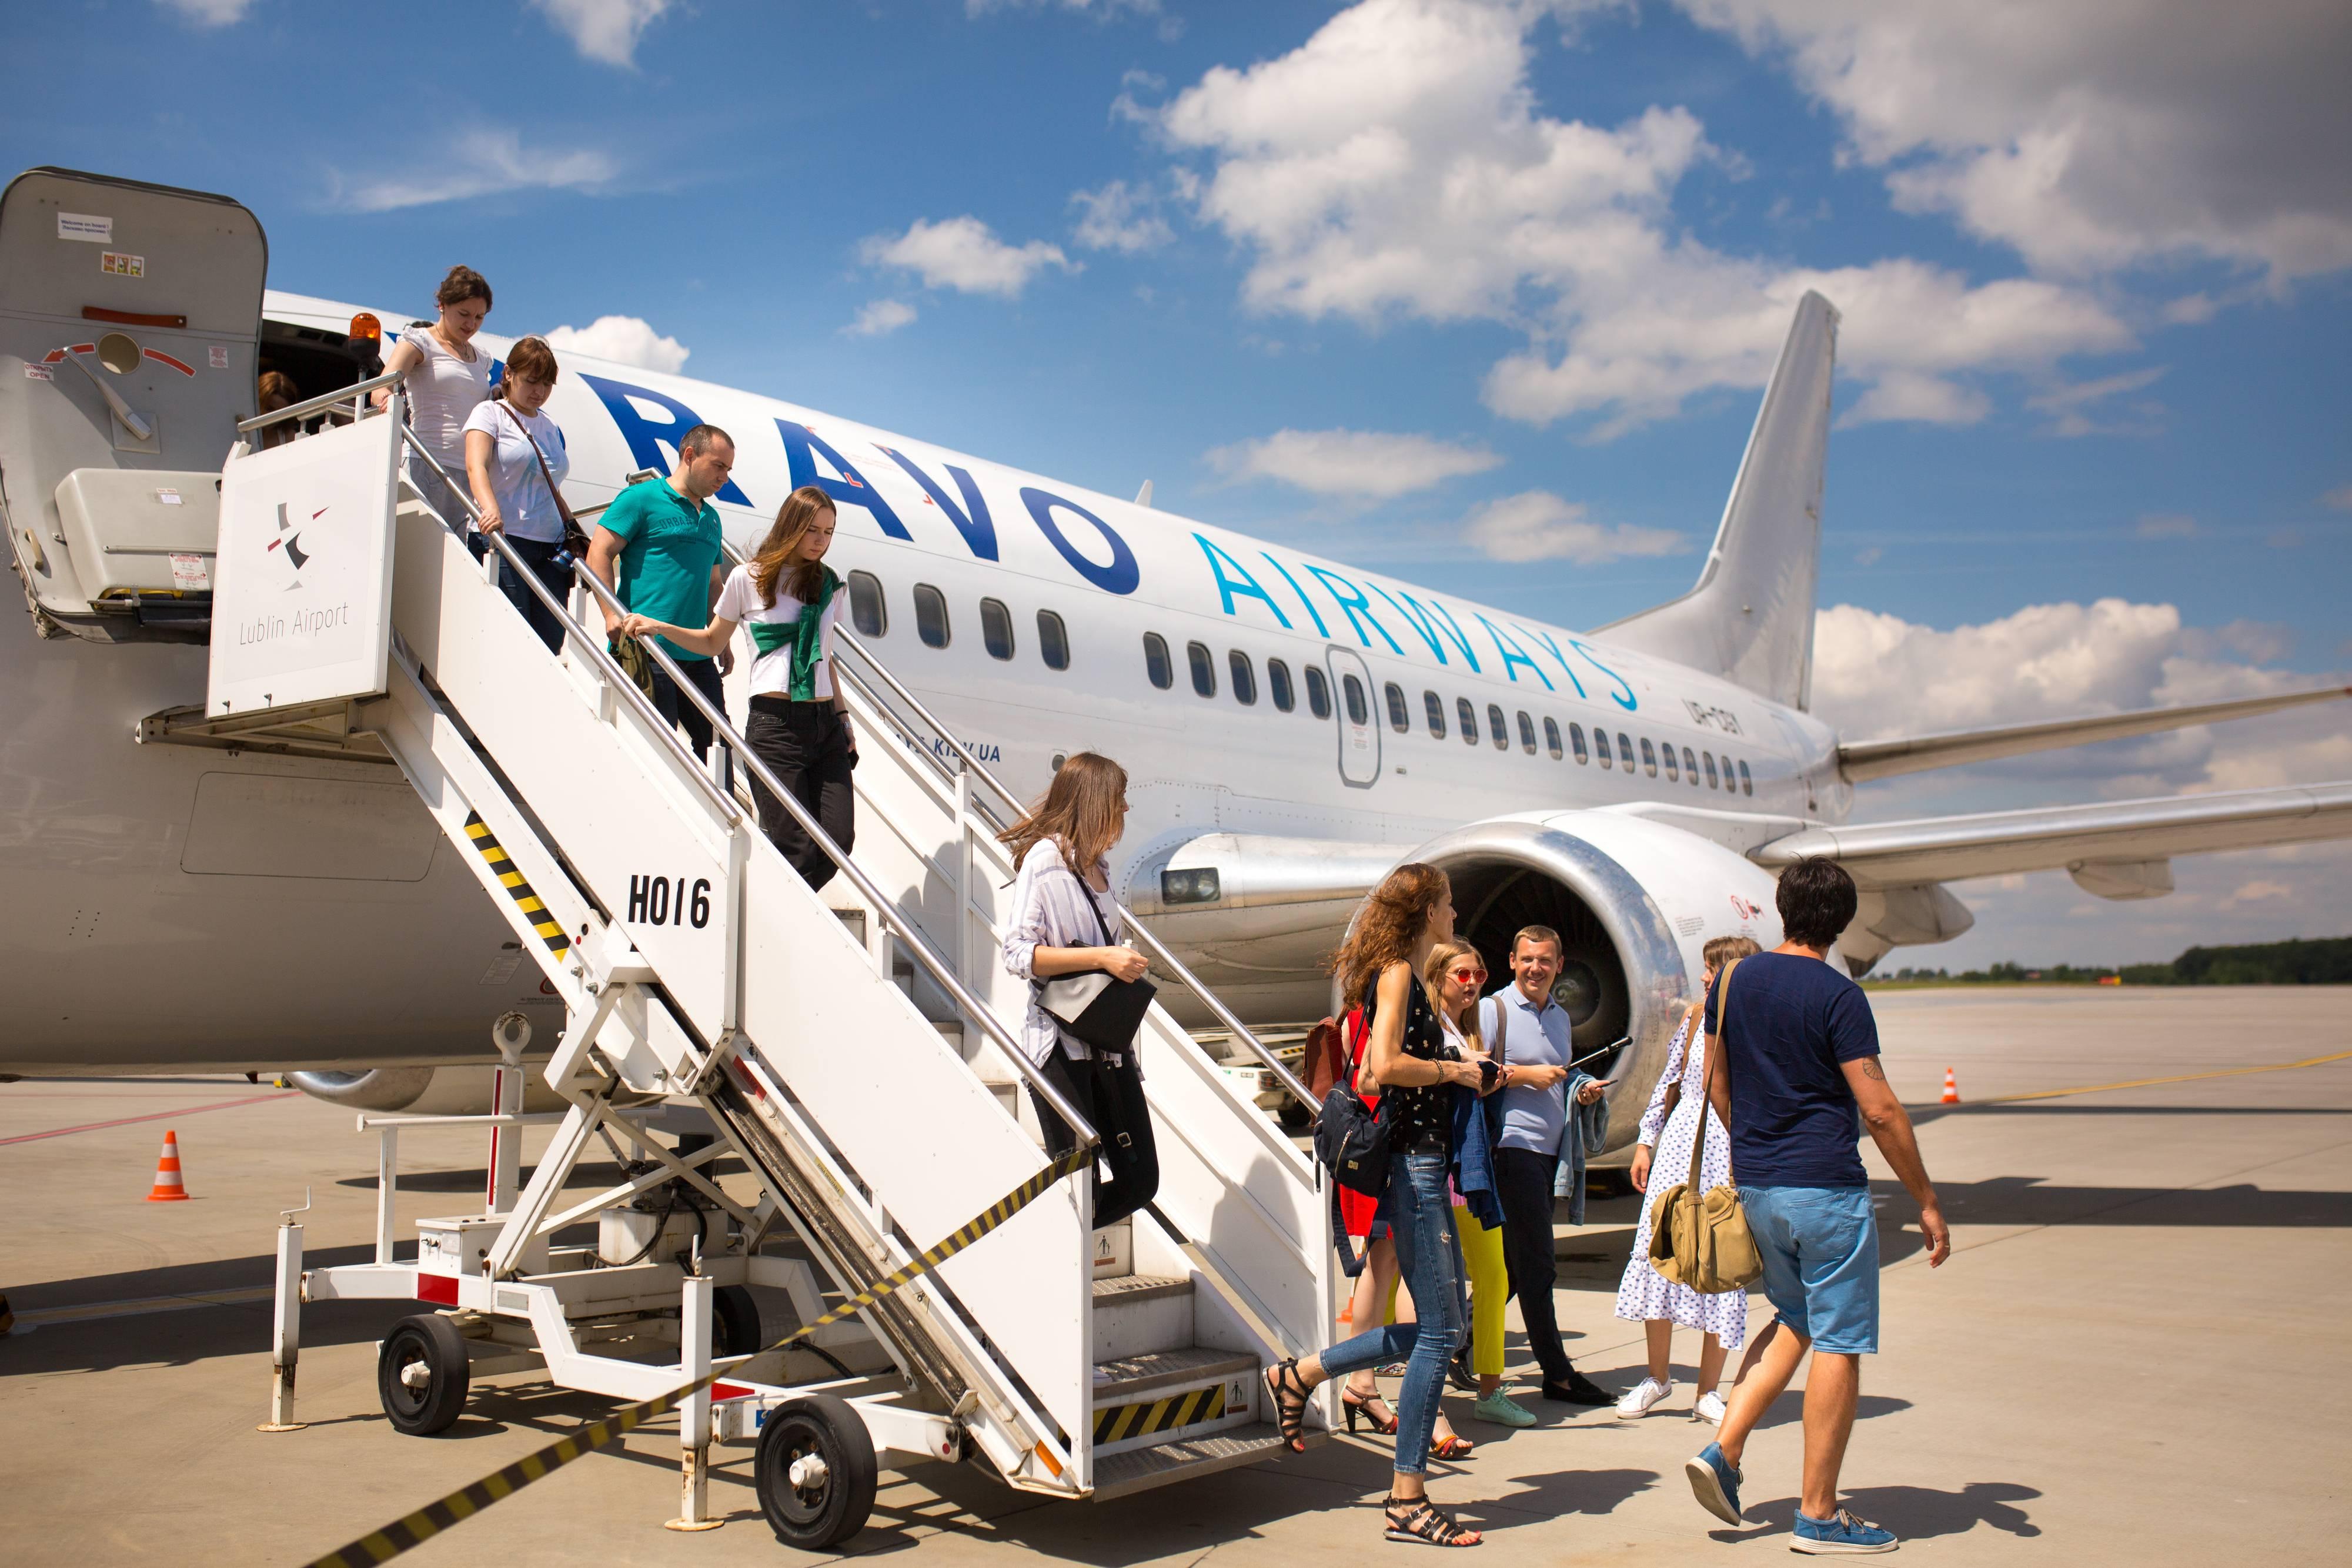 Как дешево летать на лоукостерах: советы, правила полета + low cost авиакомпании